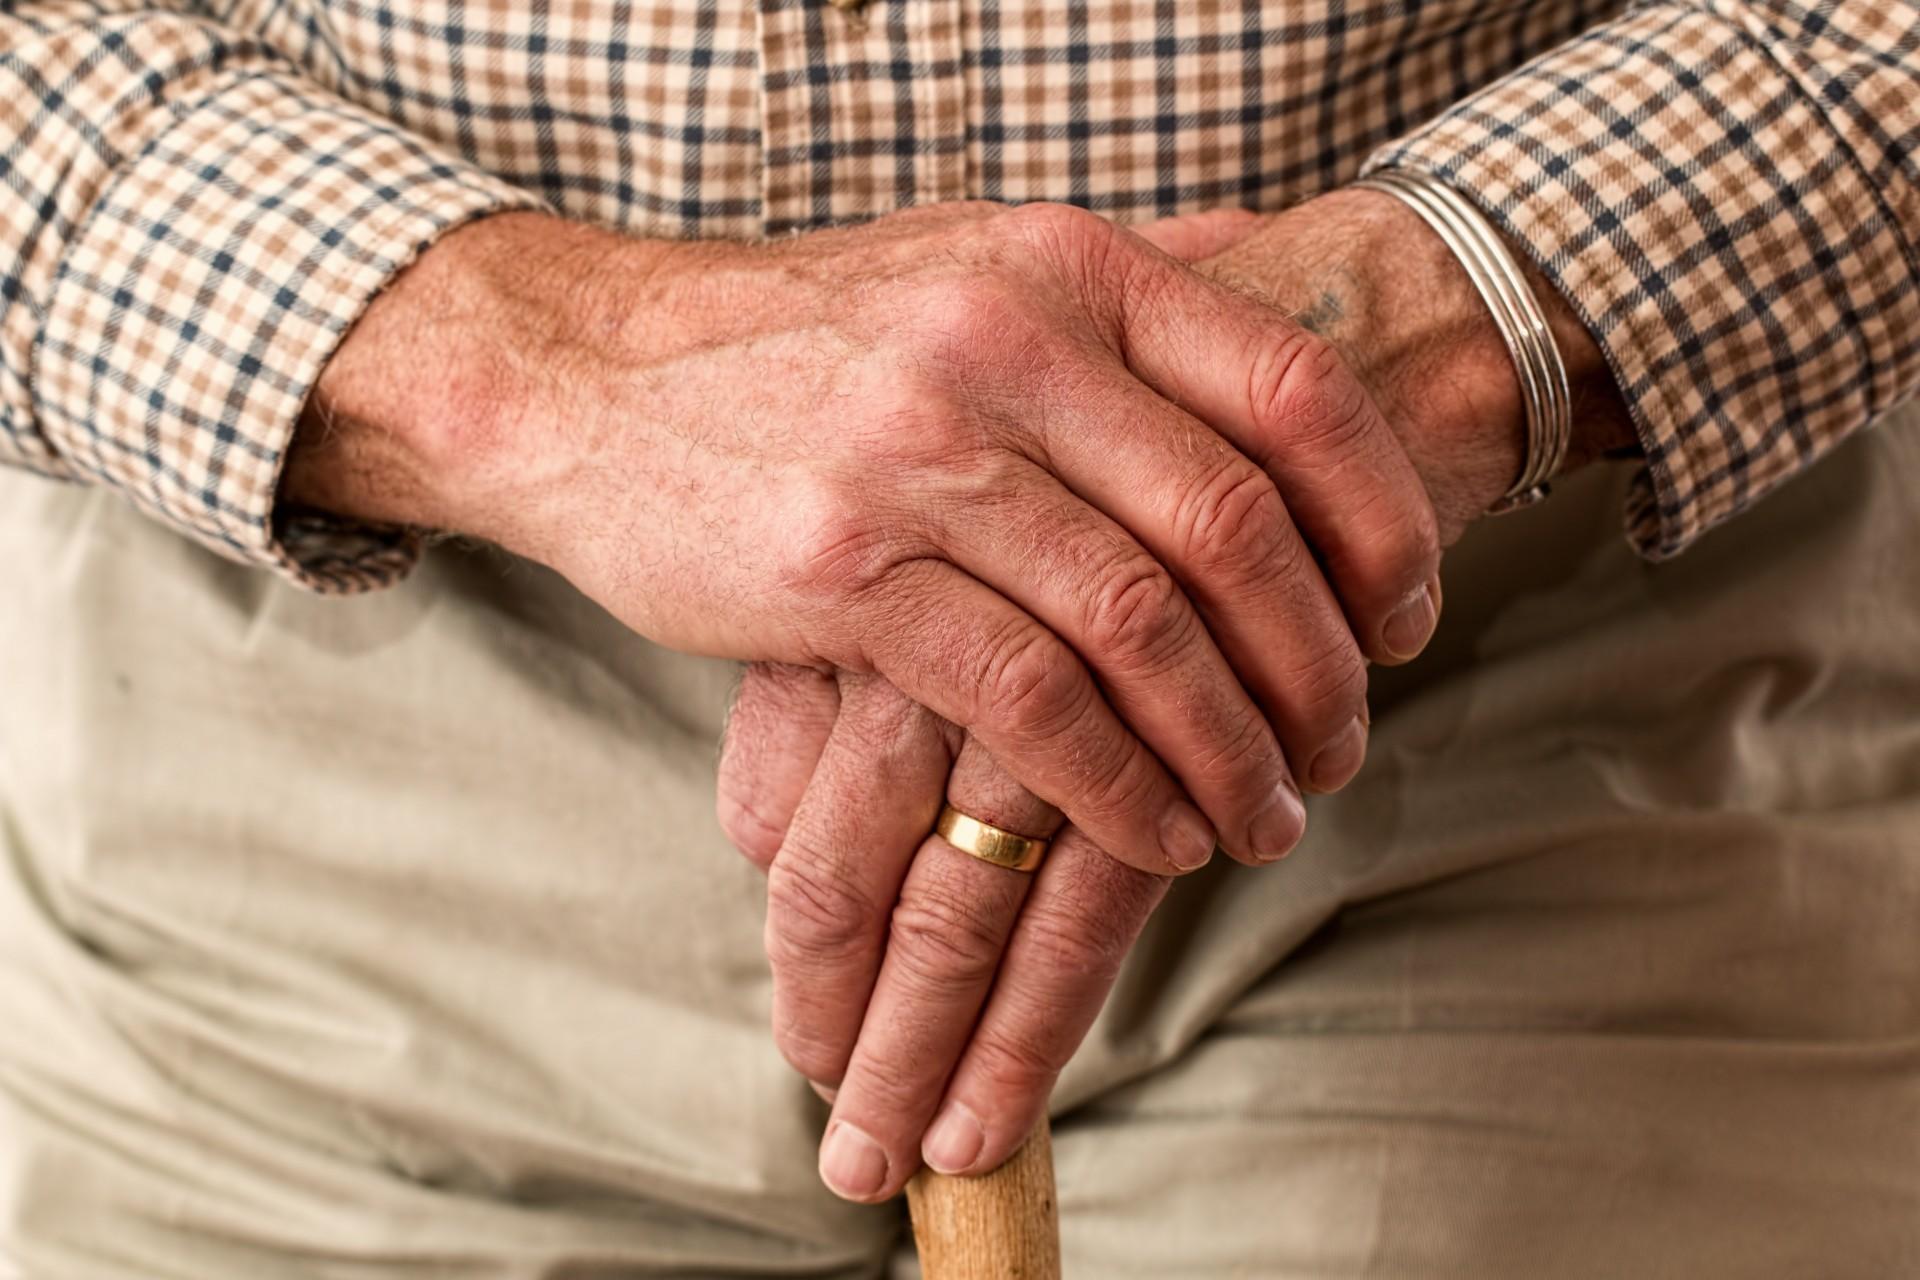 La ceguera por glaucoma se puede evitar en un alto porcentaje